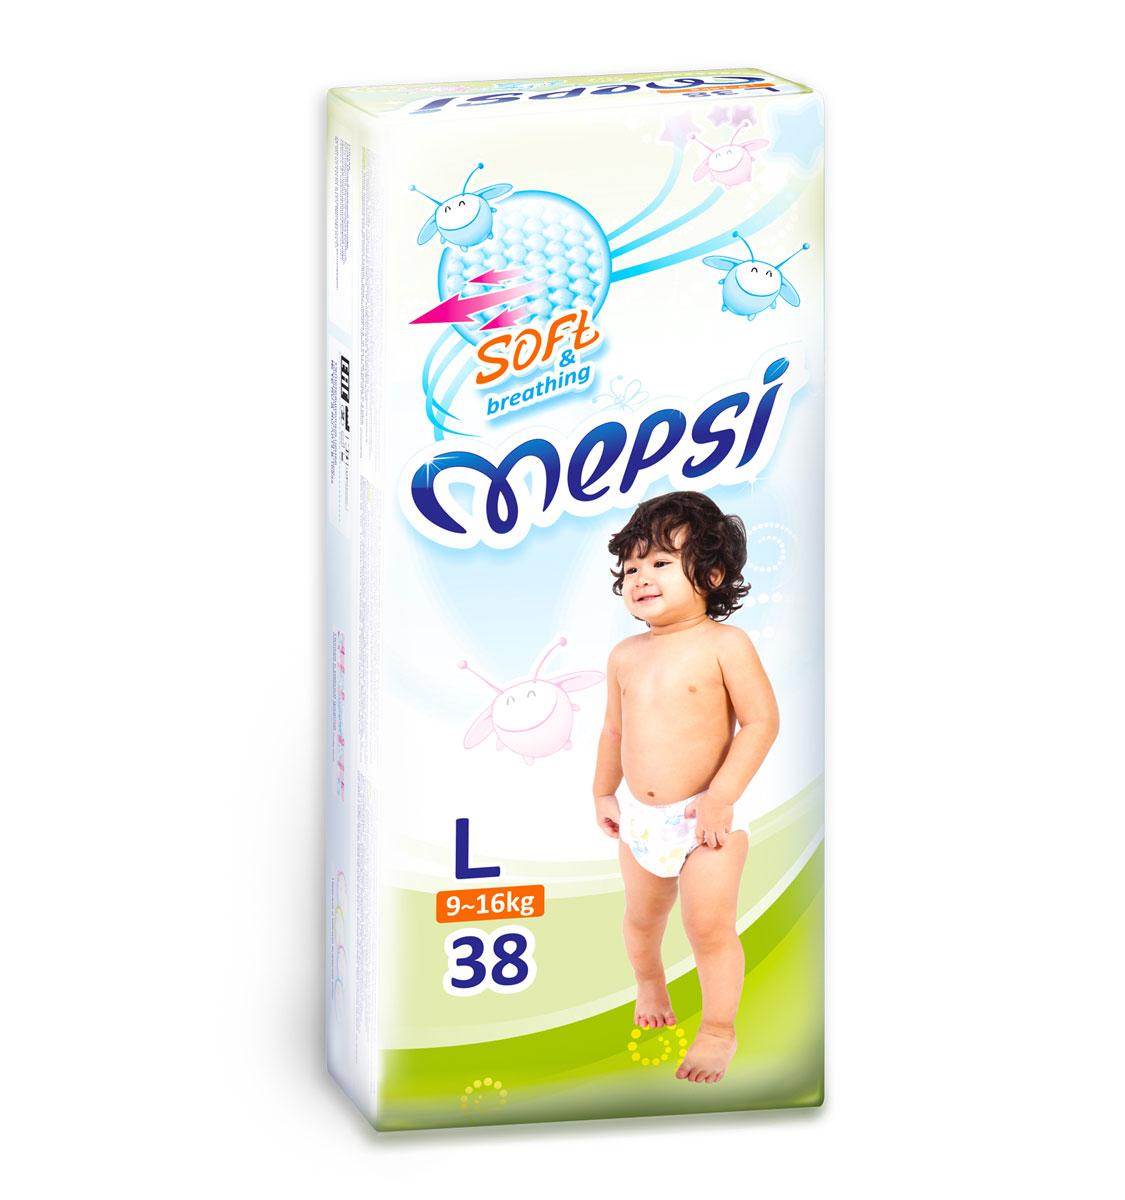 Mepsi Подгузники, 9-16 кг, 38 шт0017Новая коллекция подгузников Mepsi со сверхмягким рельефным внутренним слоем. Mepsi - комфортный подгузник. Рельефный слой точечно соприкасается с кожей малыша и создает отличную вентиляцию. Бортики стали мягче, надежно фиксируются на ножке ребенка, обеспечивая защиту от бокового протекания. Mepsi - сухой подгузник. Впитывающая основа сделана из лучших сортов целлюлозы и суперабсорбента, моментально впитывает влагу и удерживает ее. Mepsi – дышащий подгузник. Используемые материалы пропускают воздух, тем самым предотвращается парниковый эффект. Кожа малыша остается сухой и здоровой. Подгузники Mepsi - актуальный выбор современных родителей. Характеристики: Размер: L. Вес ребенка: 9-16 кг.